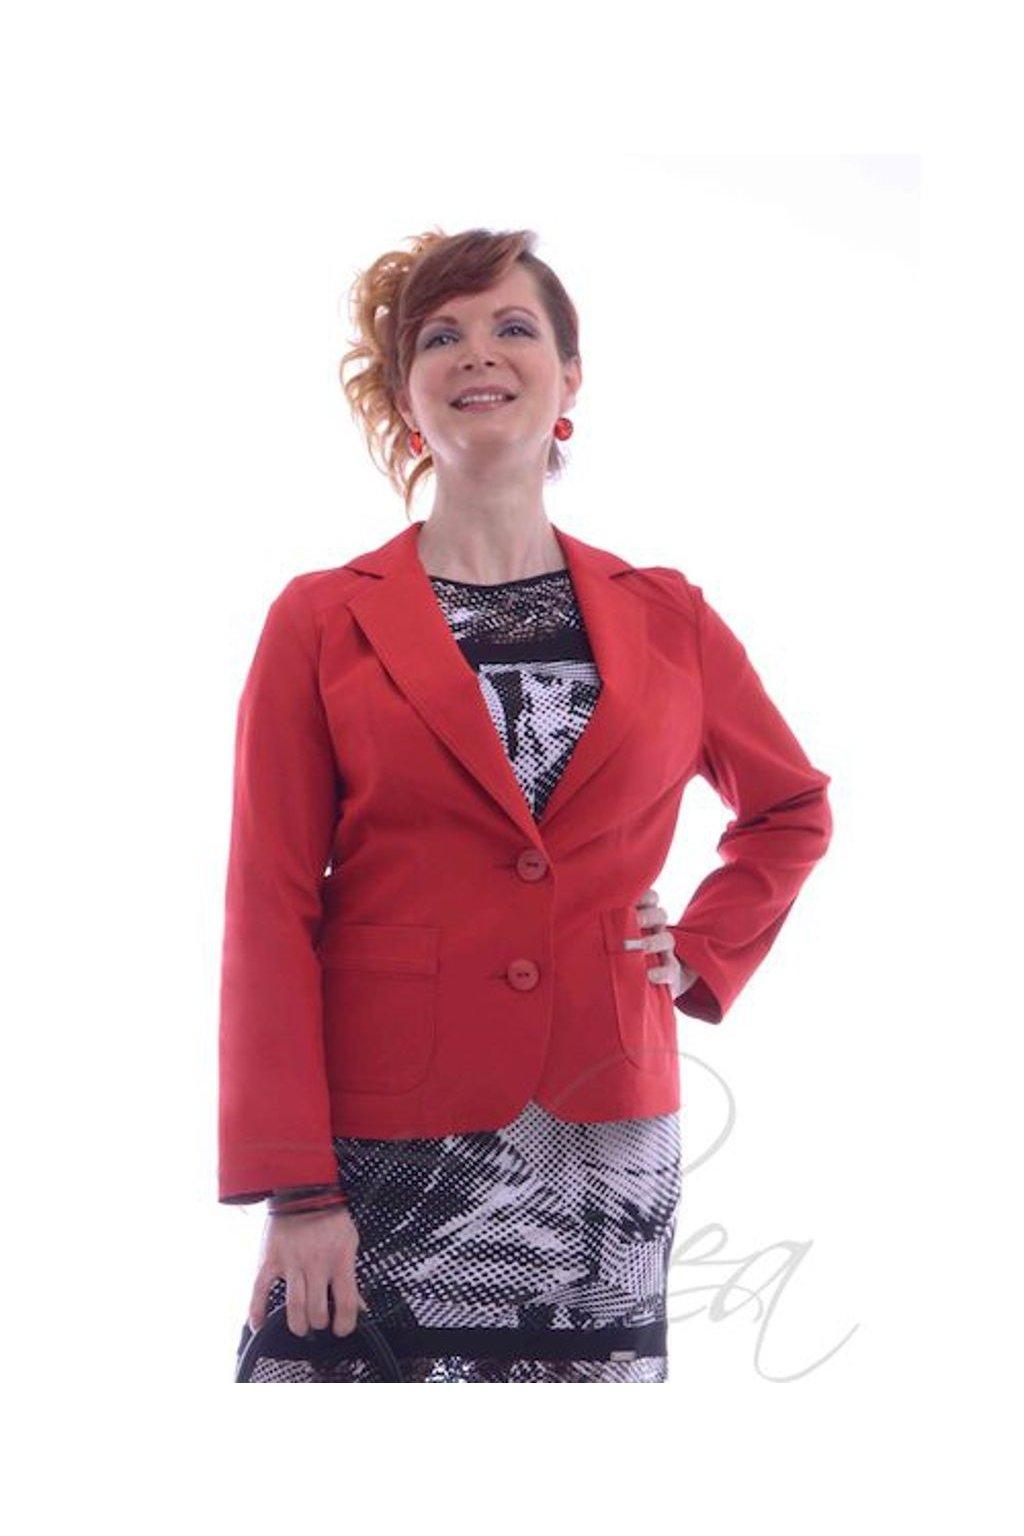 Sako elastické přiléhavé 5518 (Velikost 36, Barva Červená)